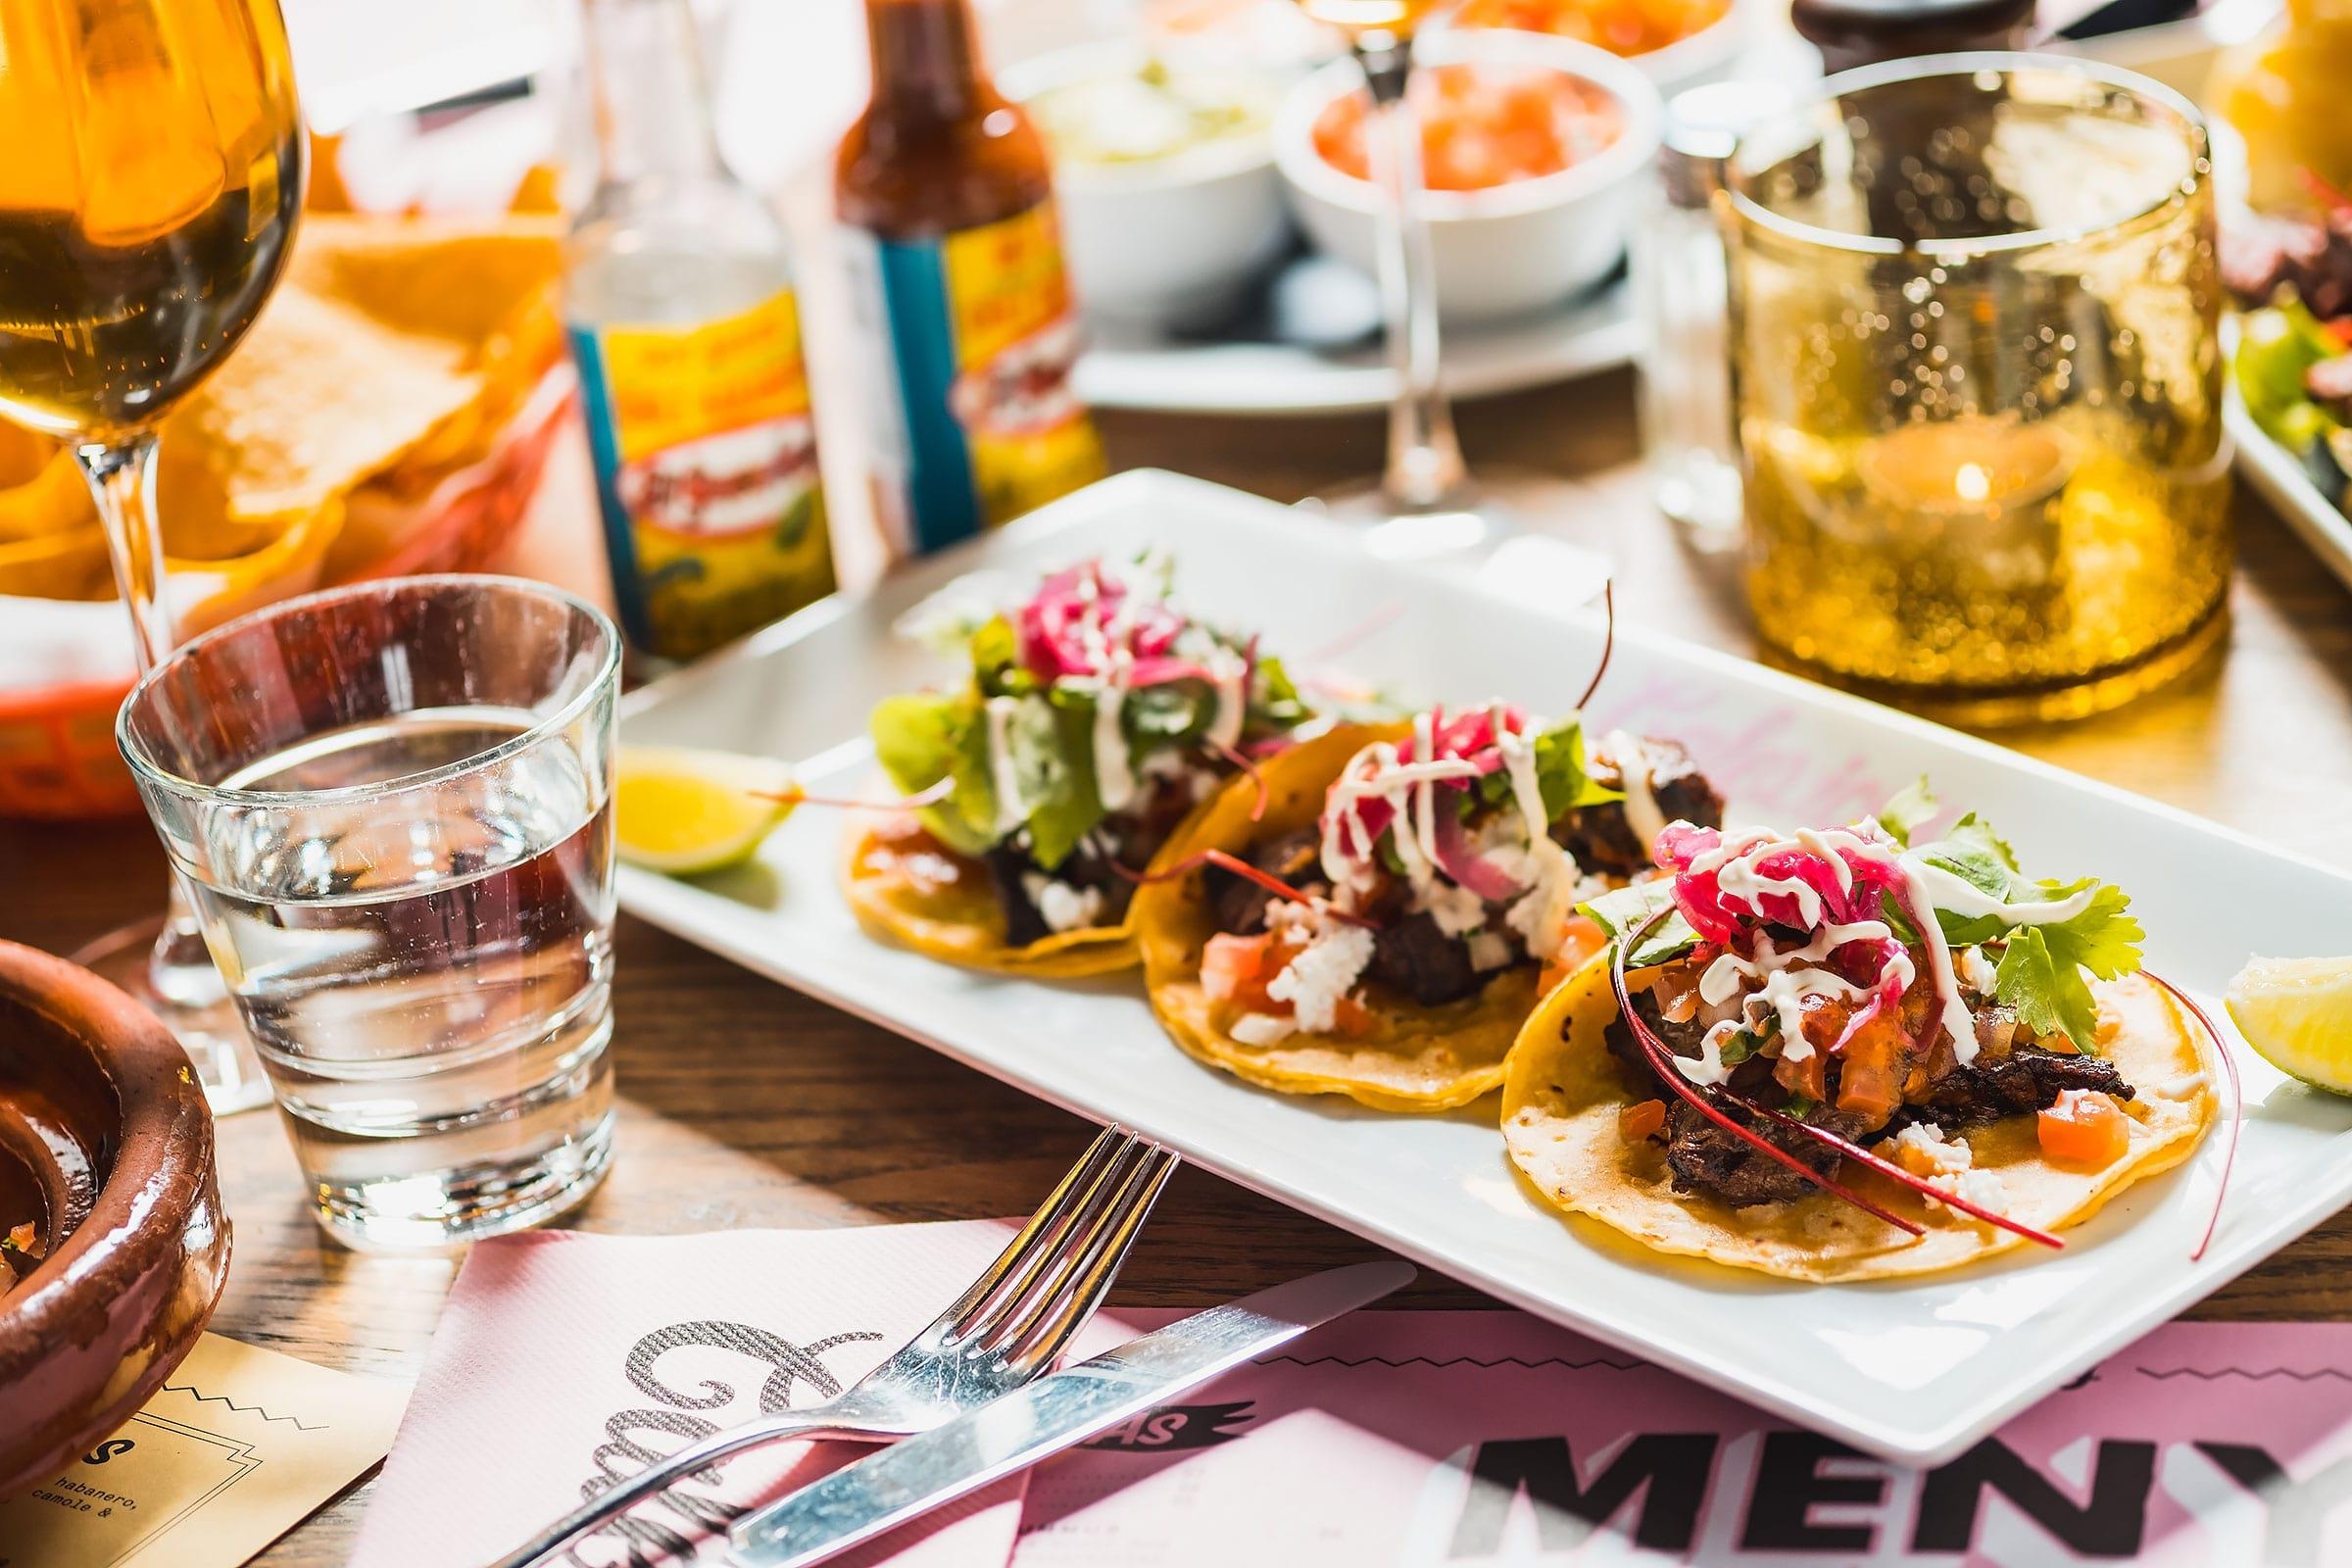 mexikansk mat uppsala